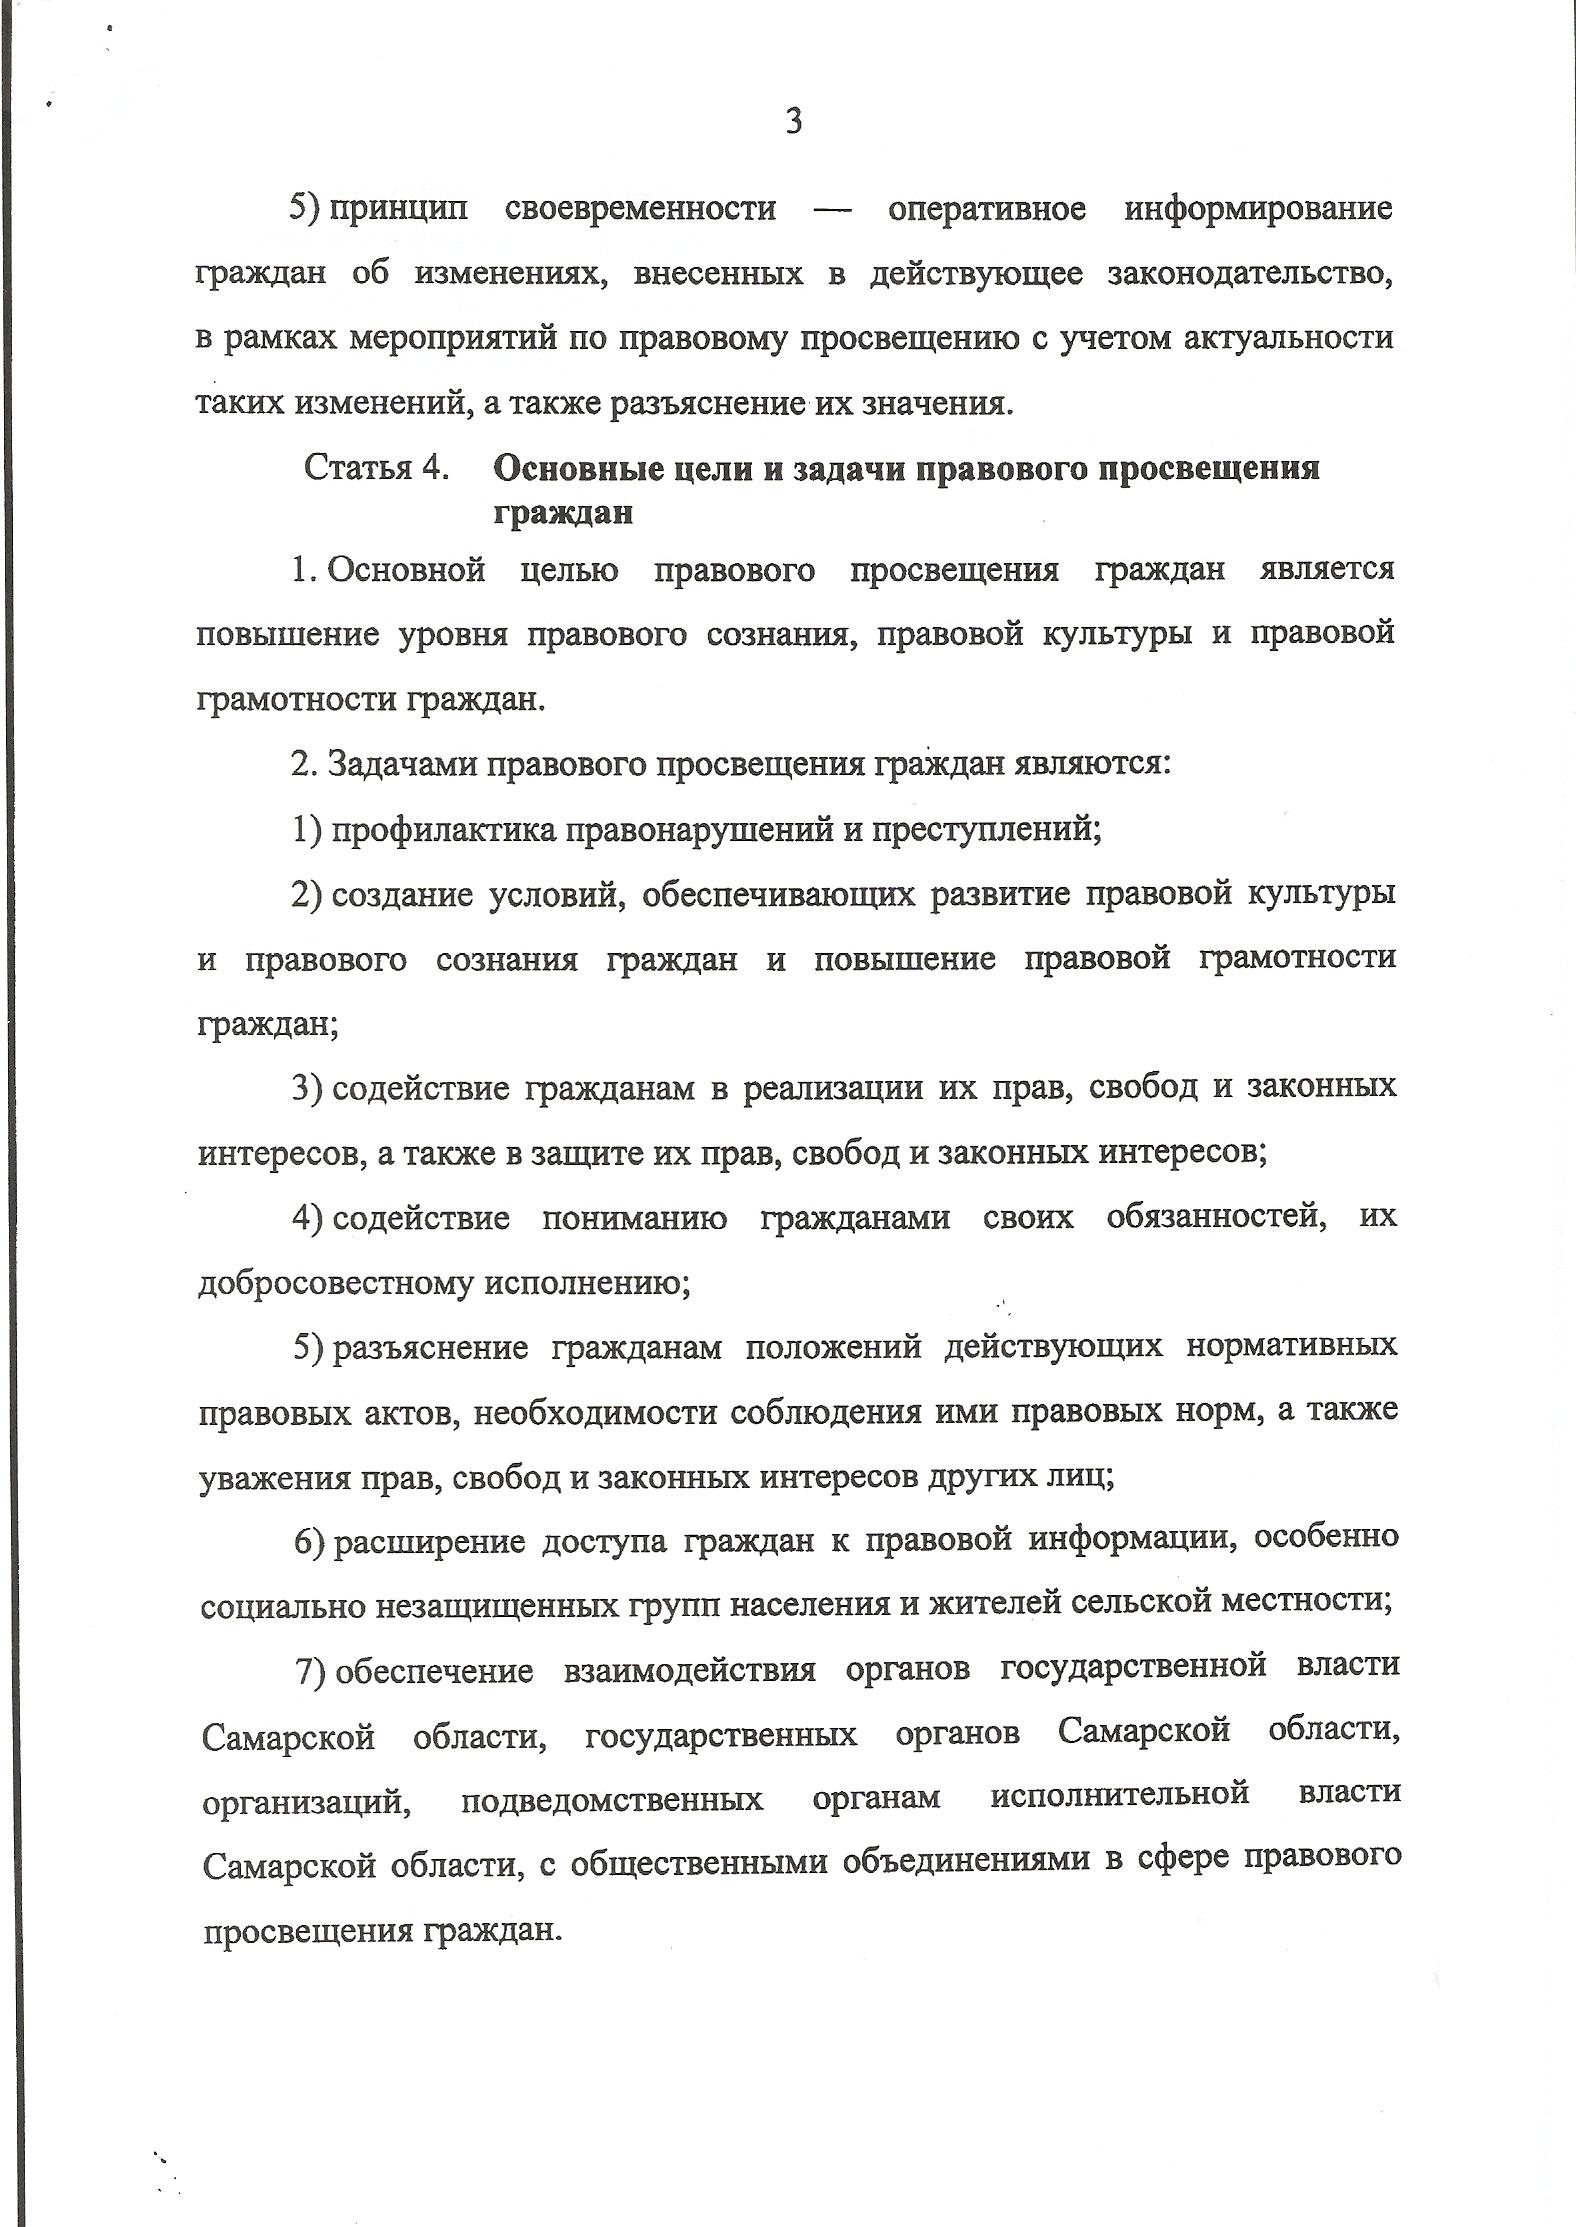 Заголовком Закон о правовом просвещении.